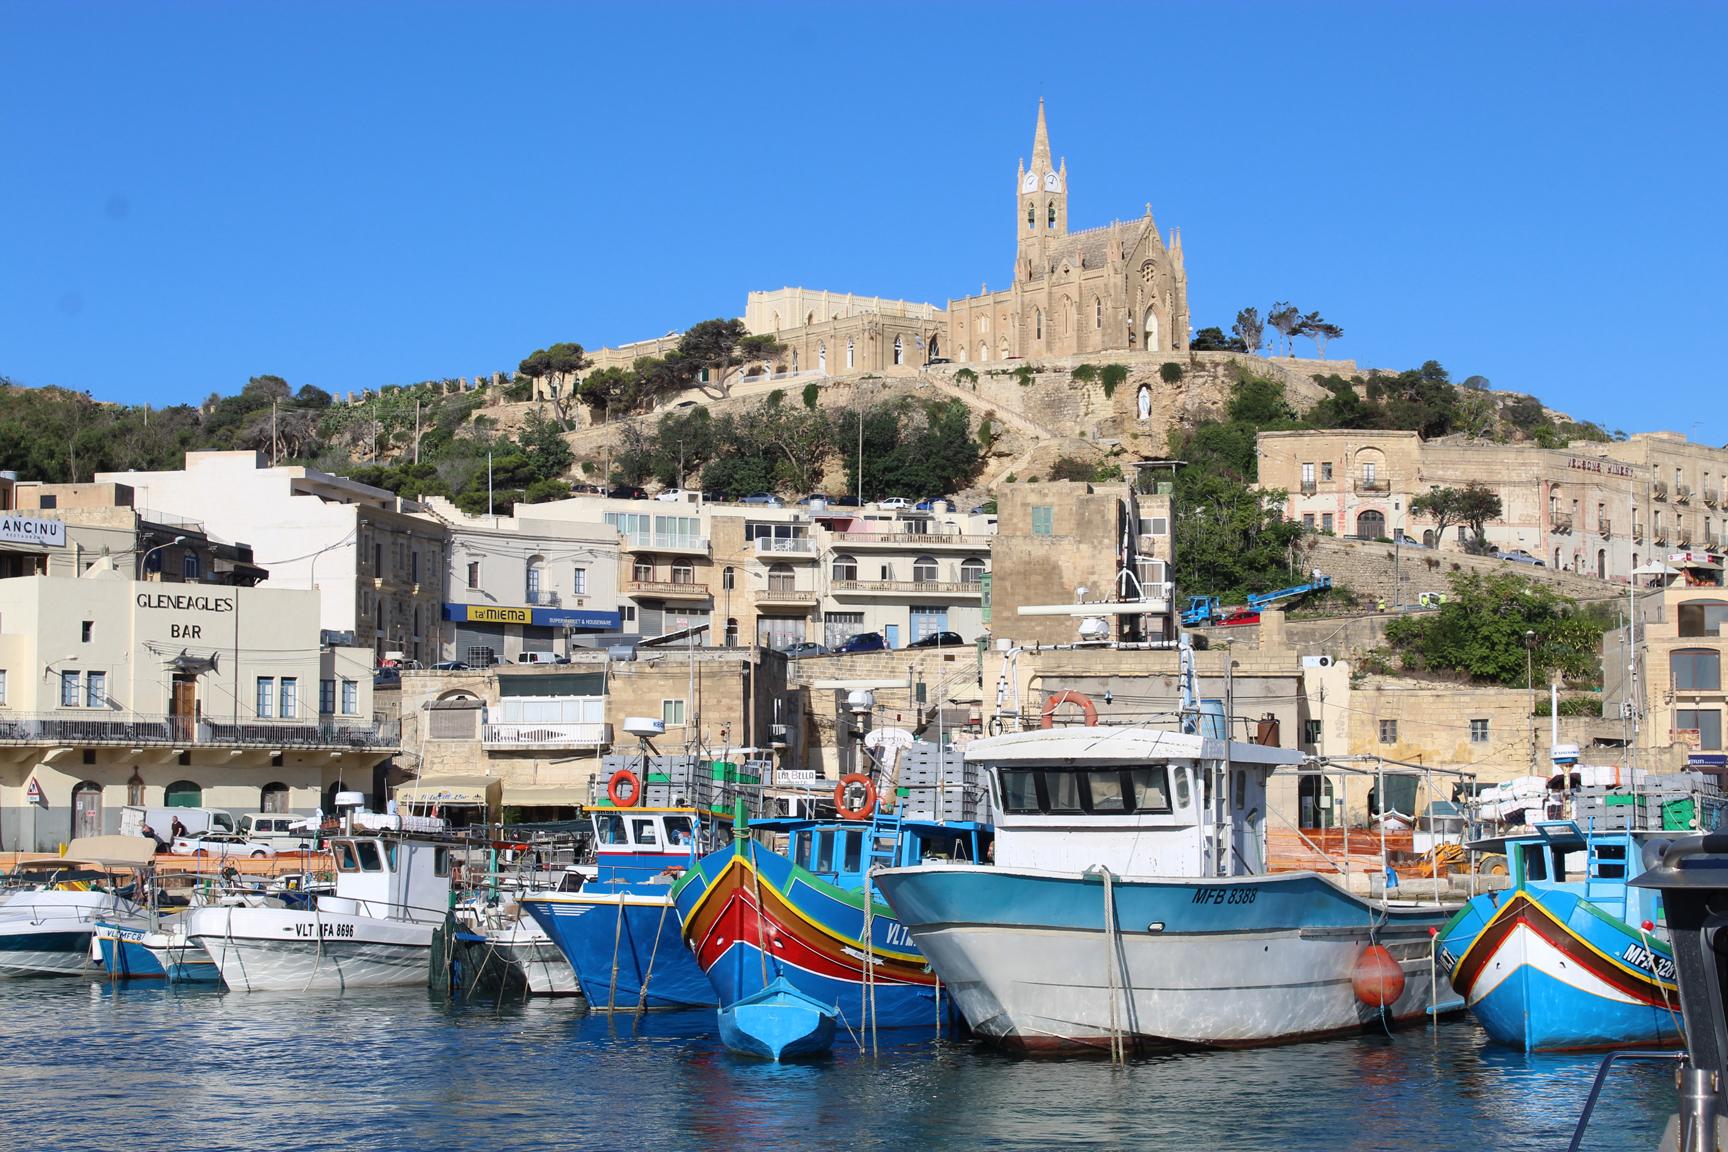 Mgarr Harbor, Gozo Malta. Photo: Mary Charlebois